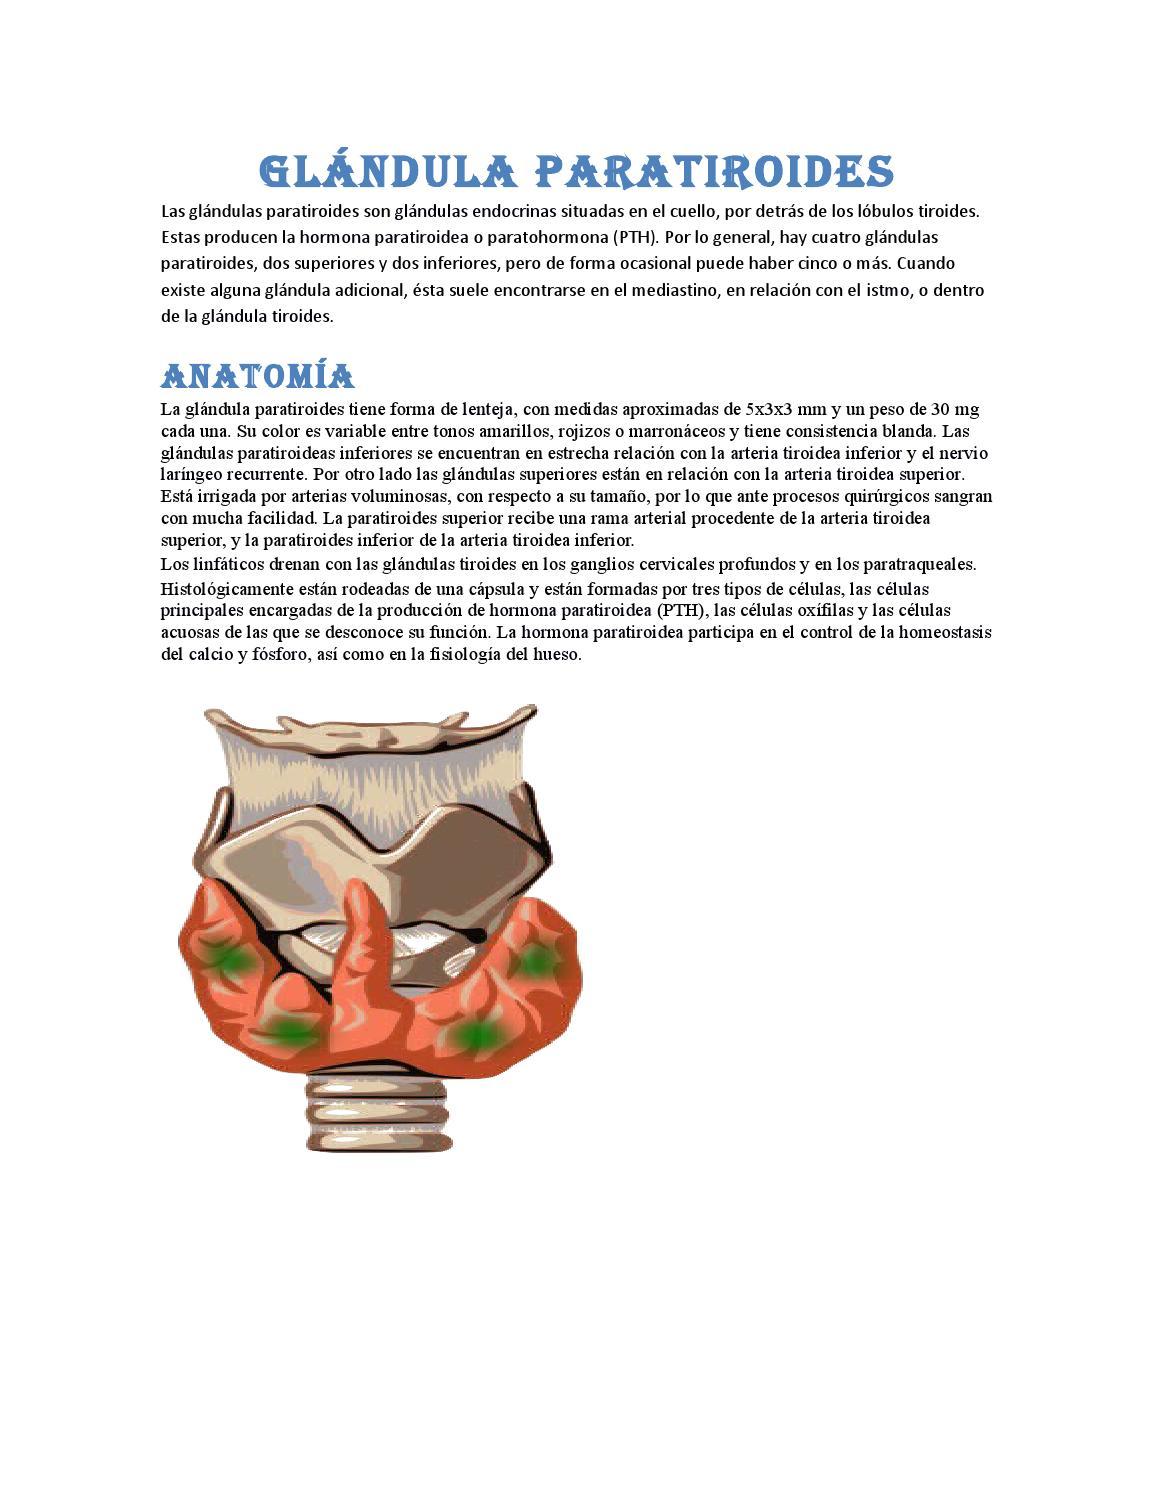 Glándula paratiroides by ronnyruiz - issuu